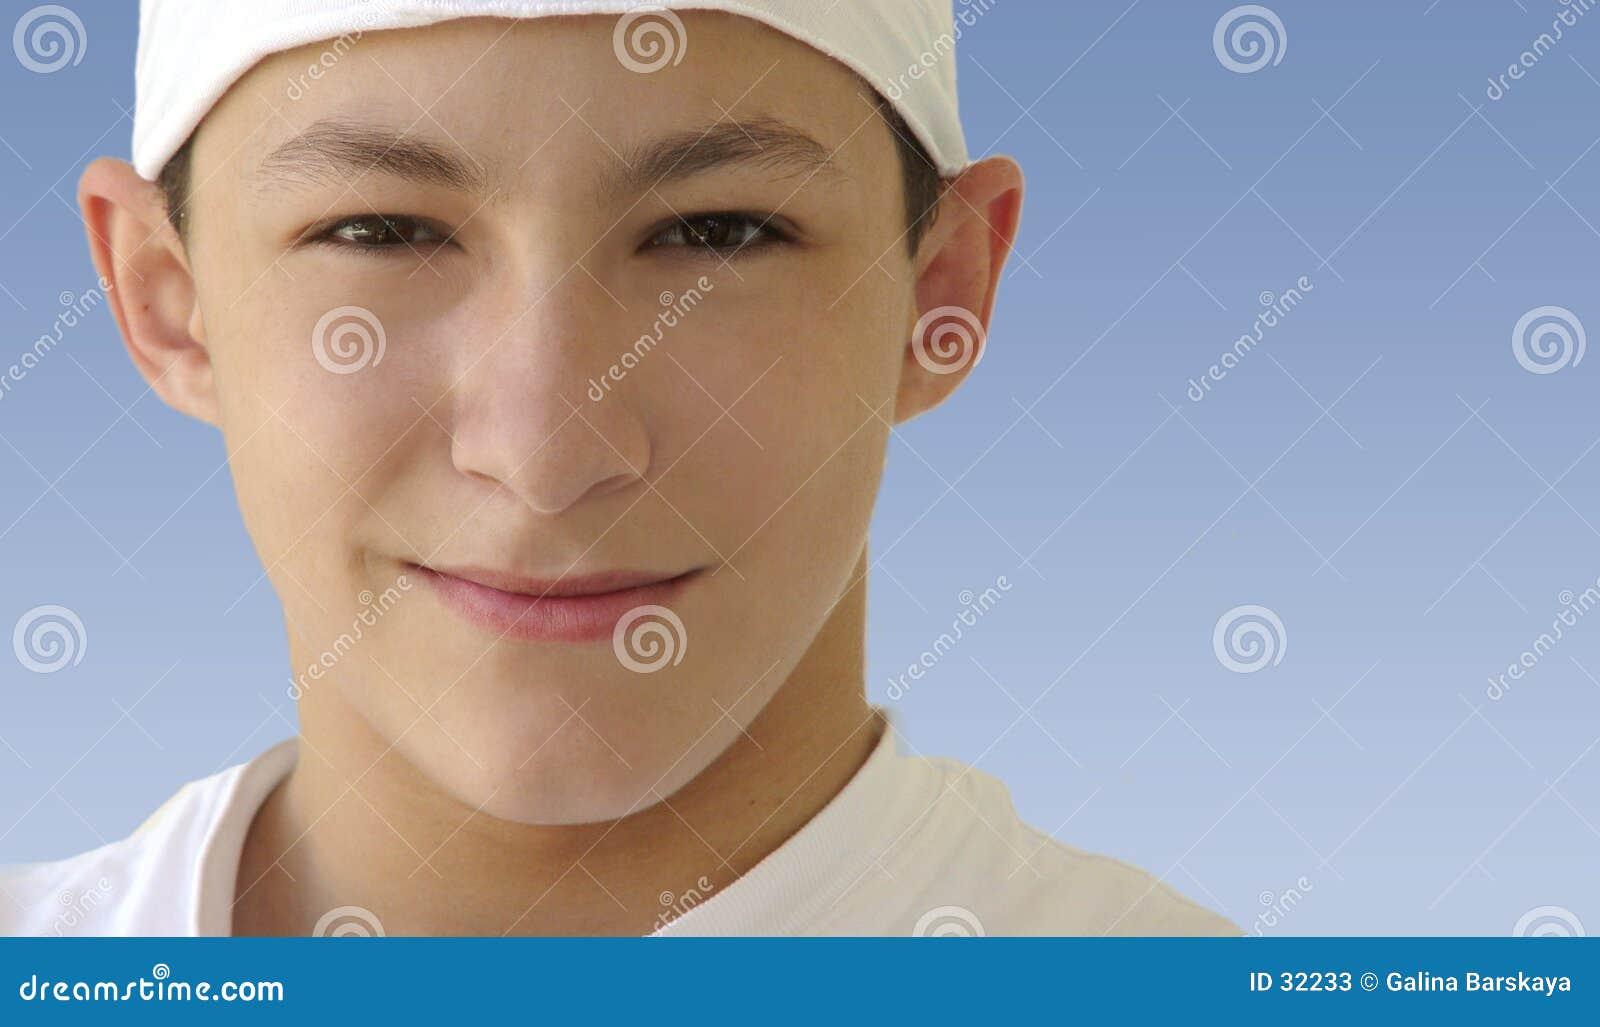 Junge in einem weißen Hut